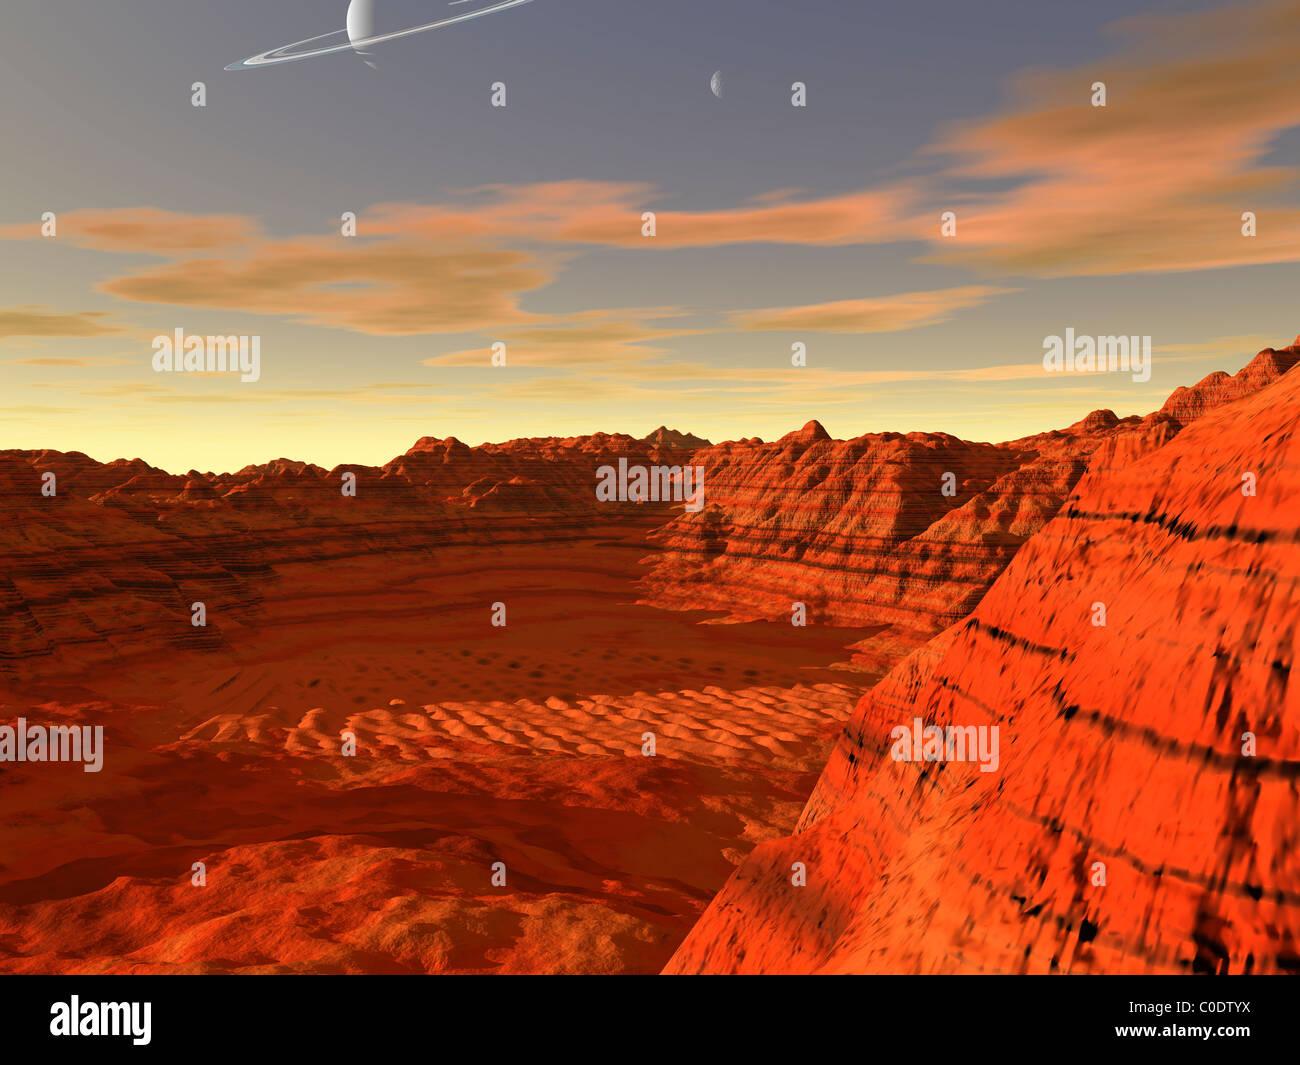 Artista del concetto di terra come pianeta. Immagini Stock